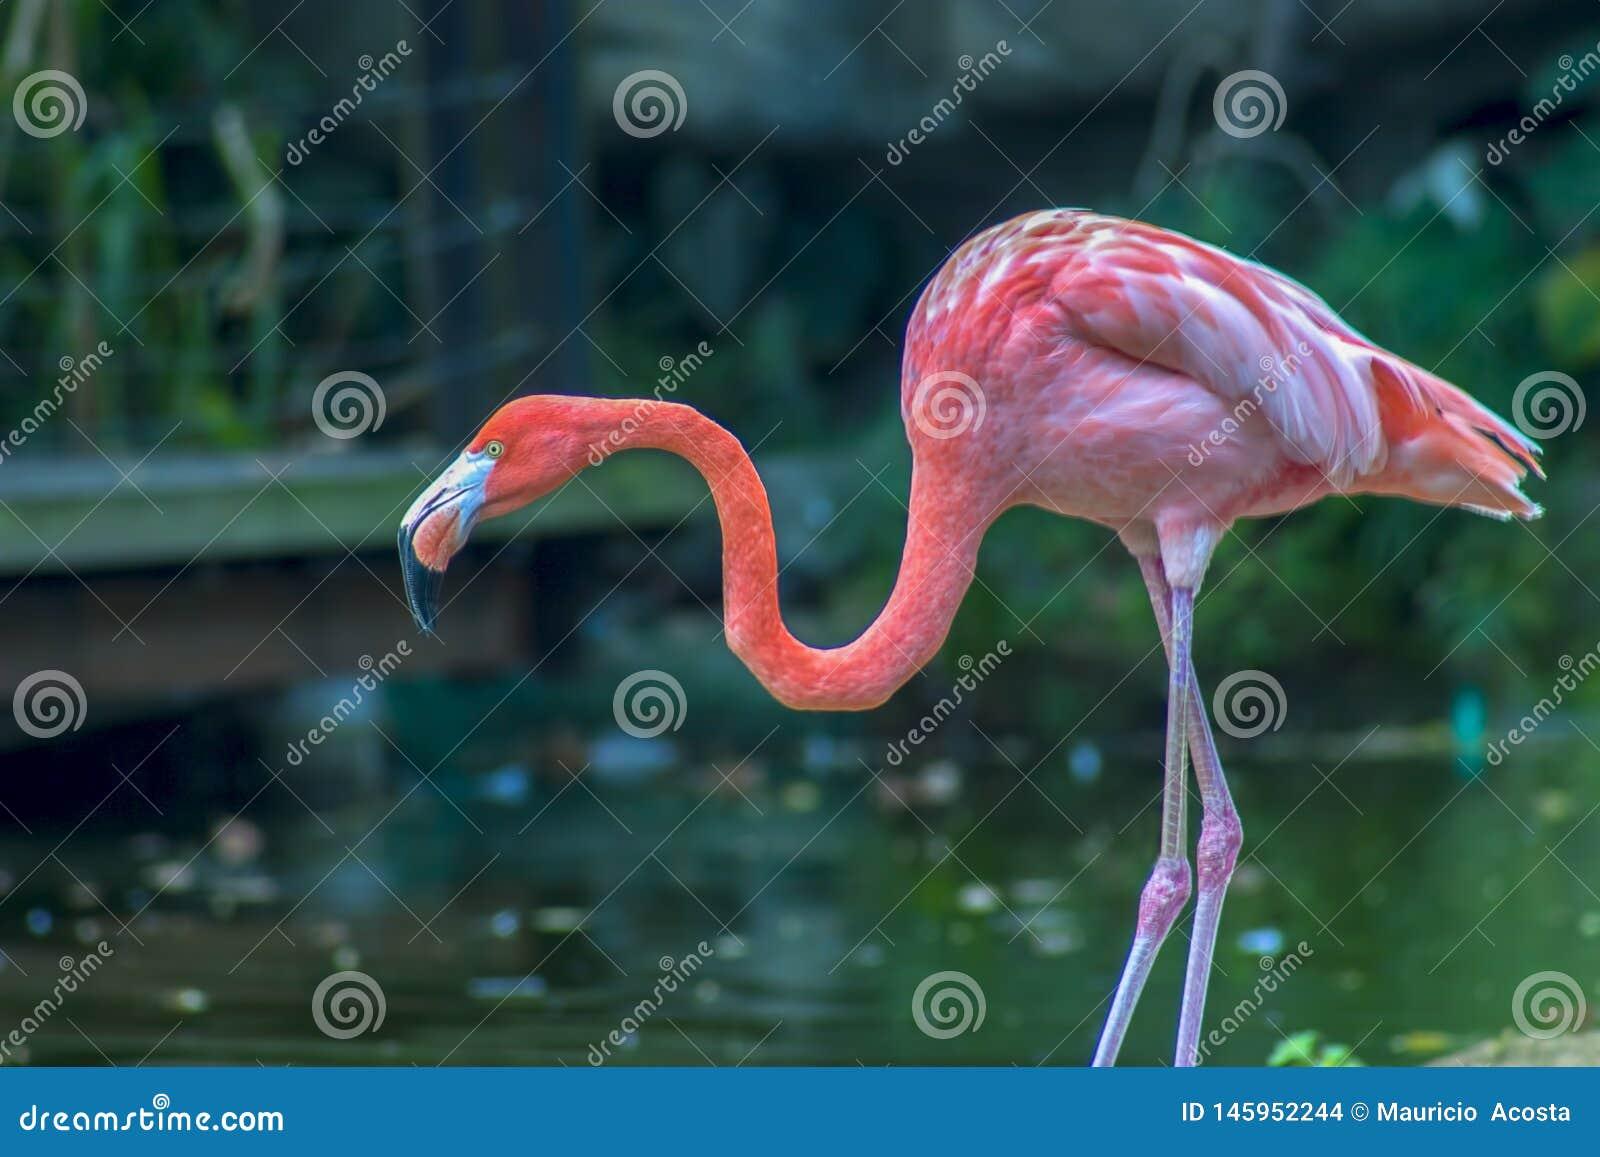 Flamingo americano que procura pelo alimento